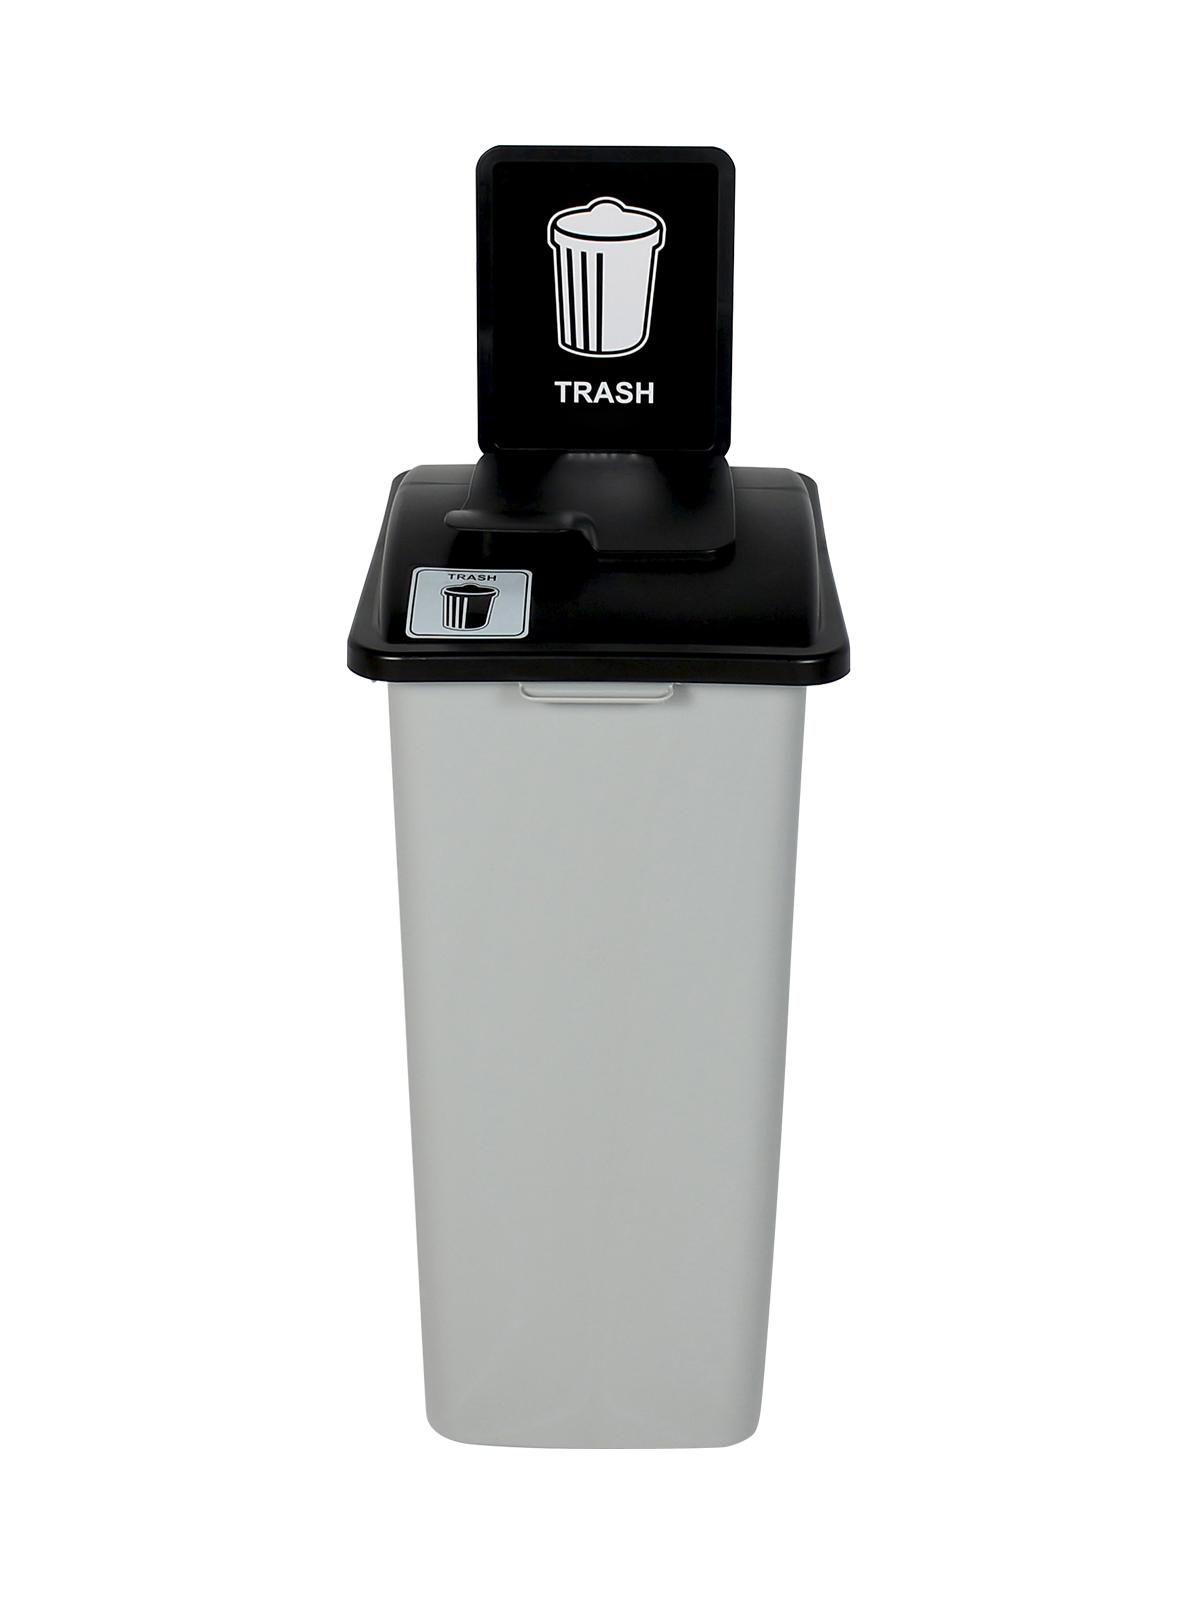 WASTE WATCHER XL - Single - Trash - Solid Lift - Grey-Black